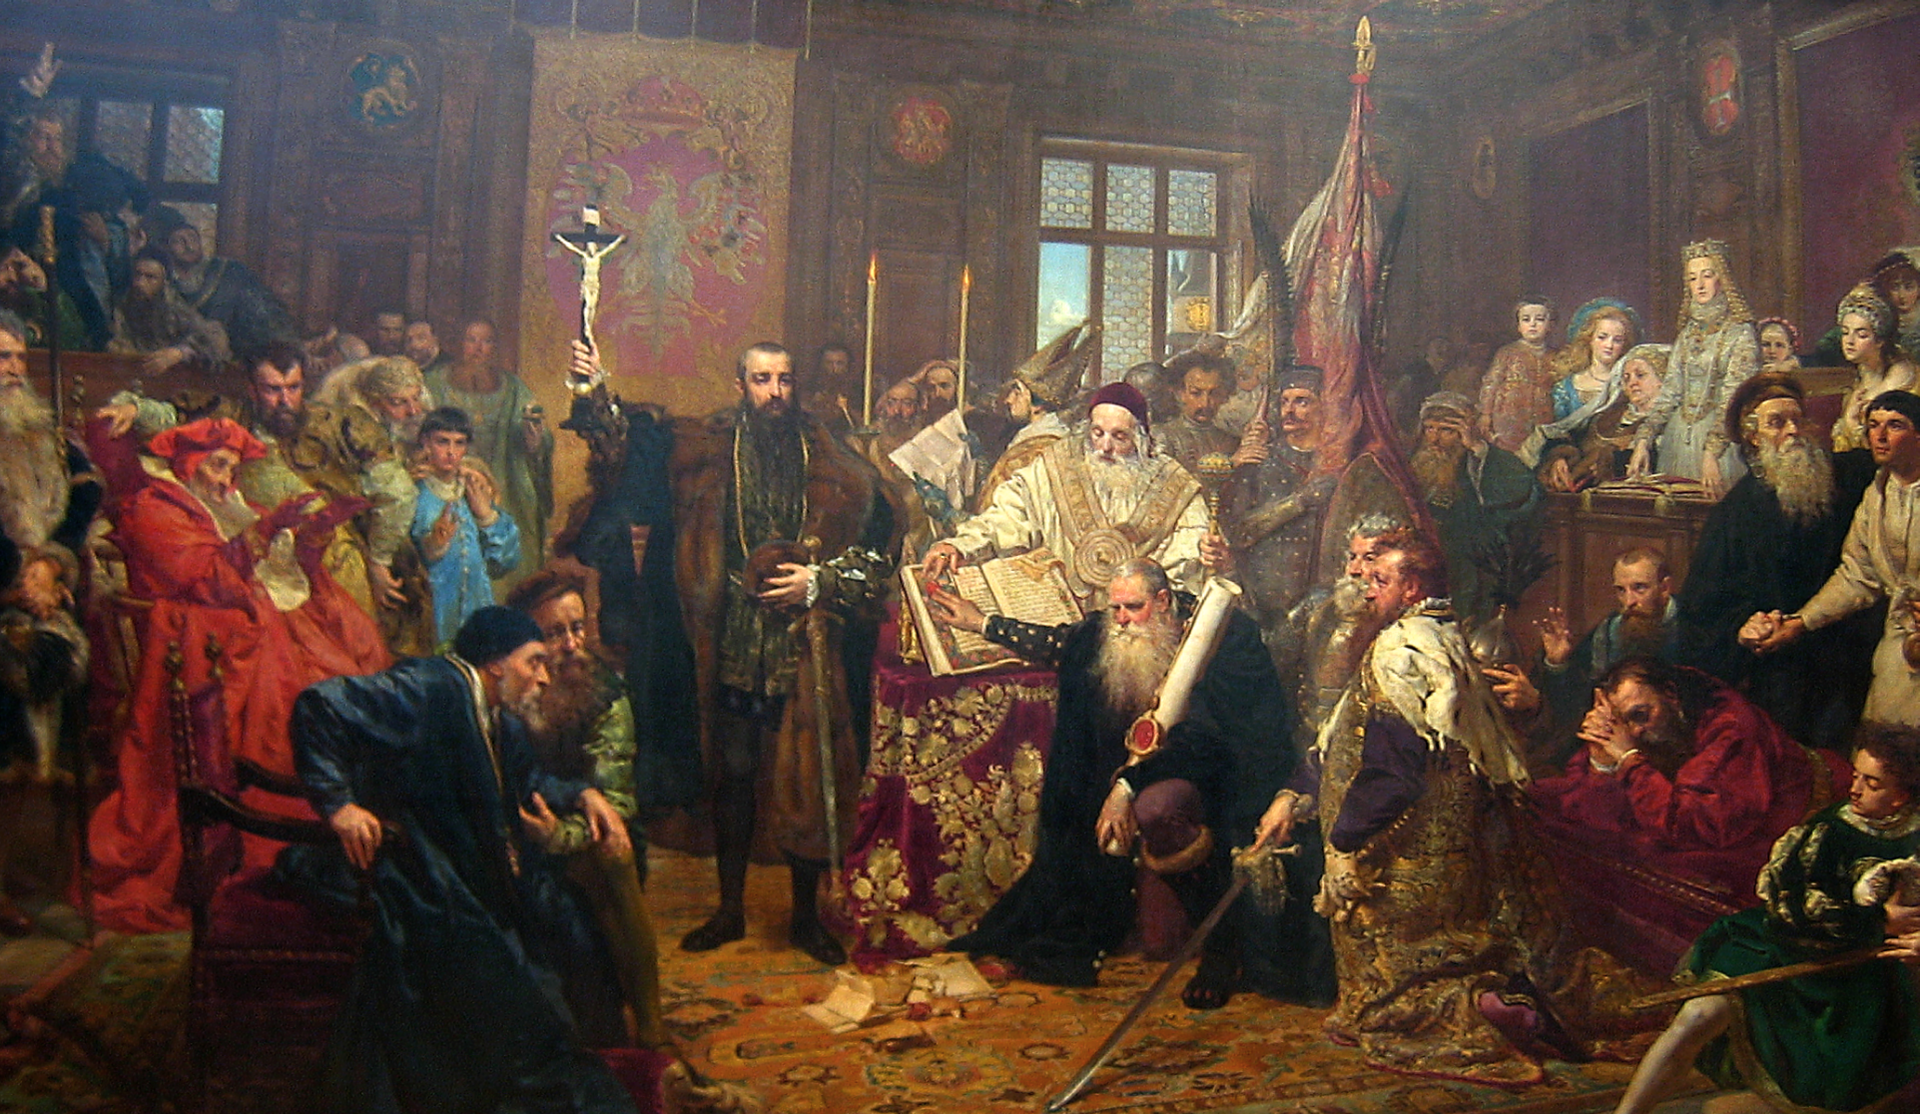 Unia Lubelska JanMatejko dostał zlecenie namalowanie obrazu wzwiązku zobchodami 300-lecia unii lubelskiej Źródło: Jan Matejko, Unia Lubelska, 1869, olej na płótnie, Muzeum Narodowe wLublinie, domena publiczna.